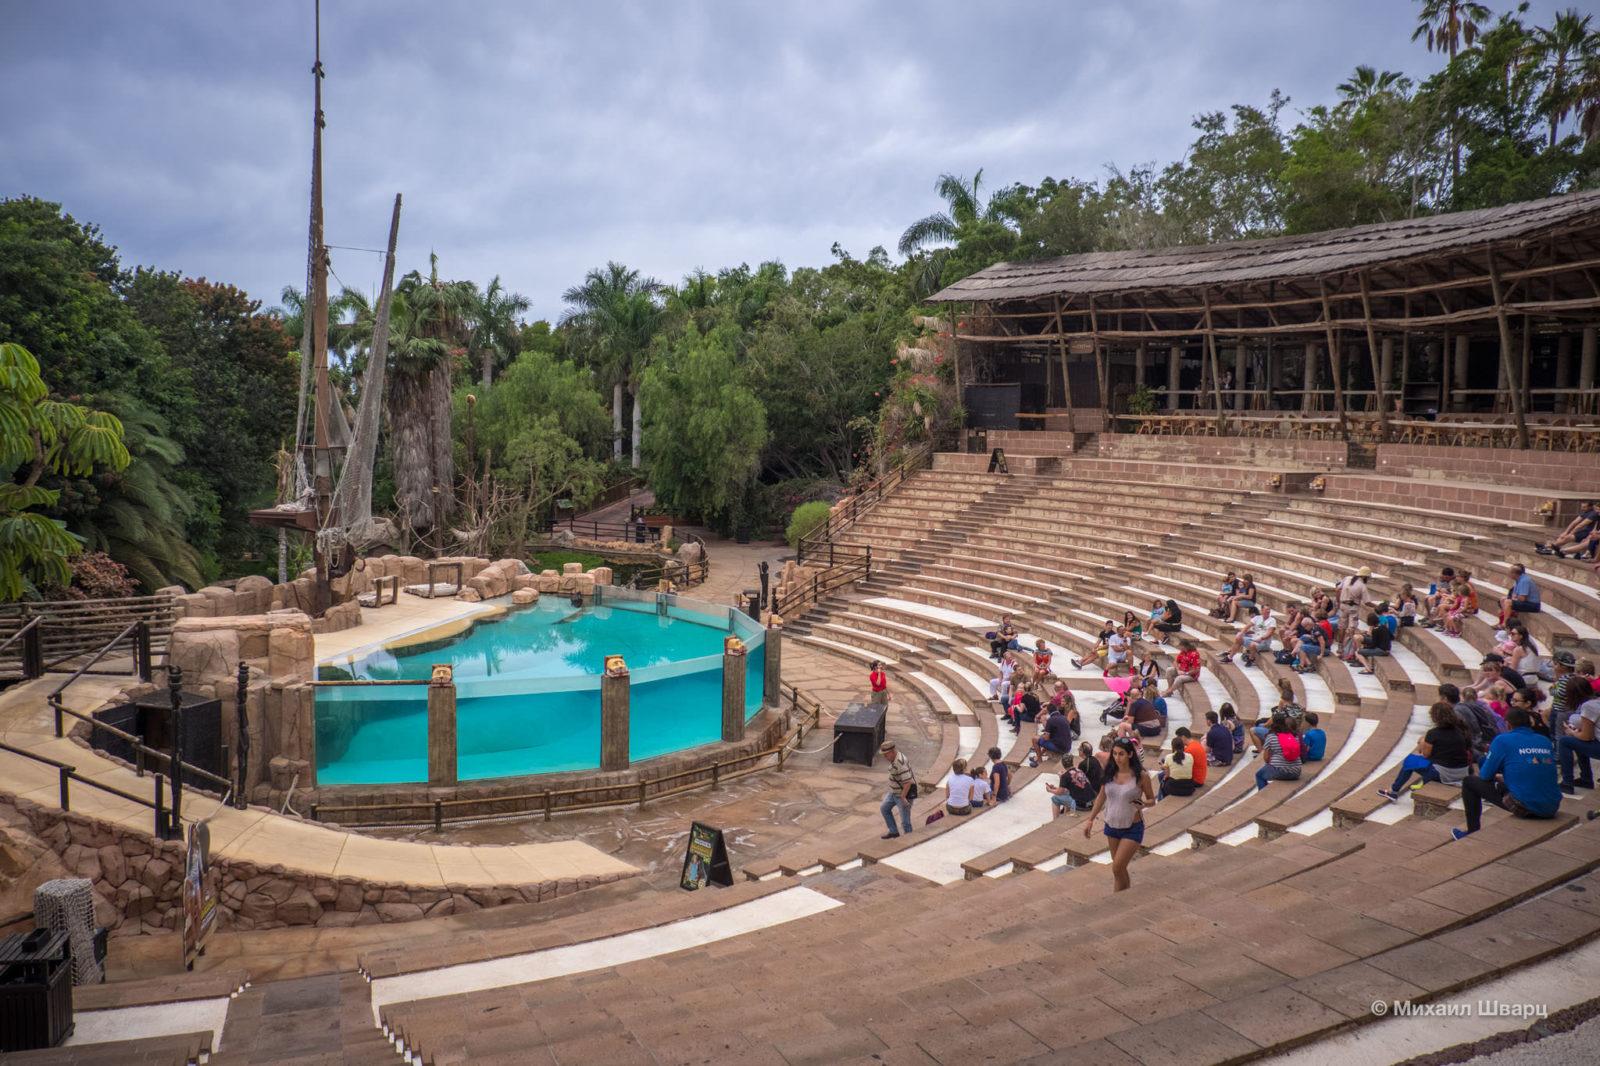 Место, где проходит шоу экзотических птиц и морских котиков. Наверху ресторан